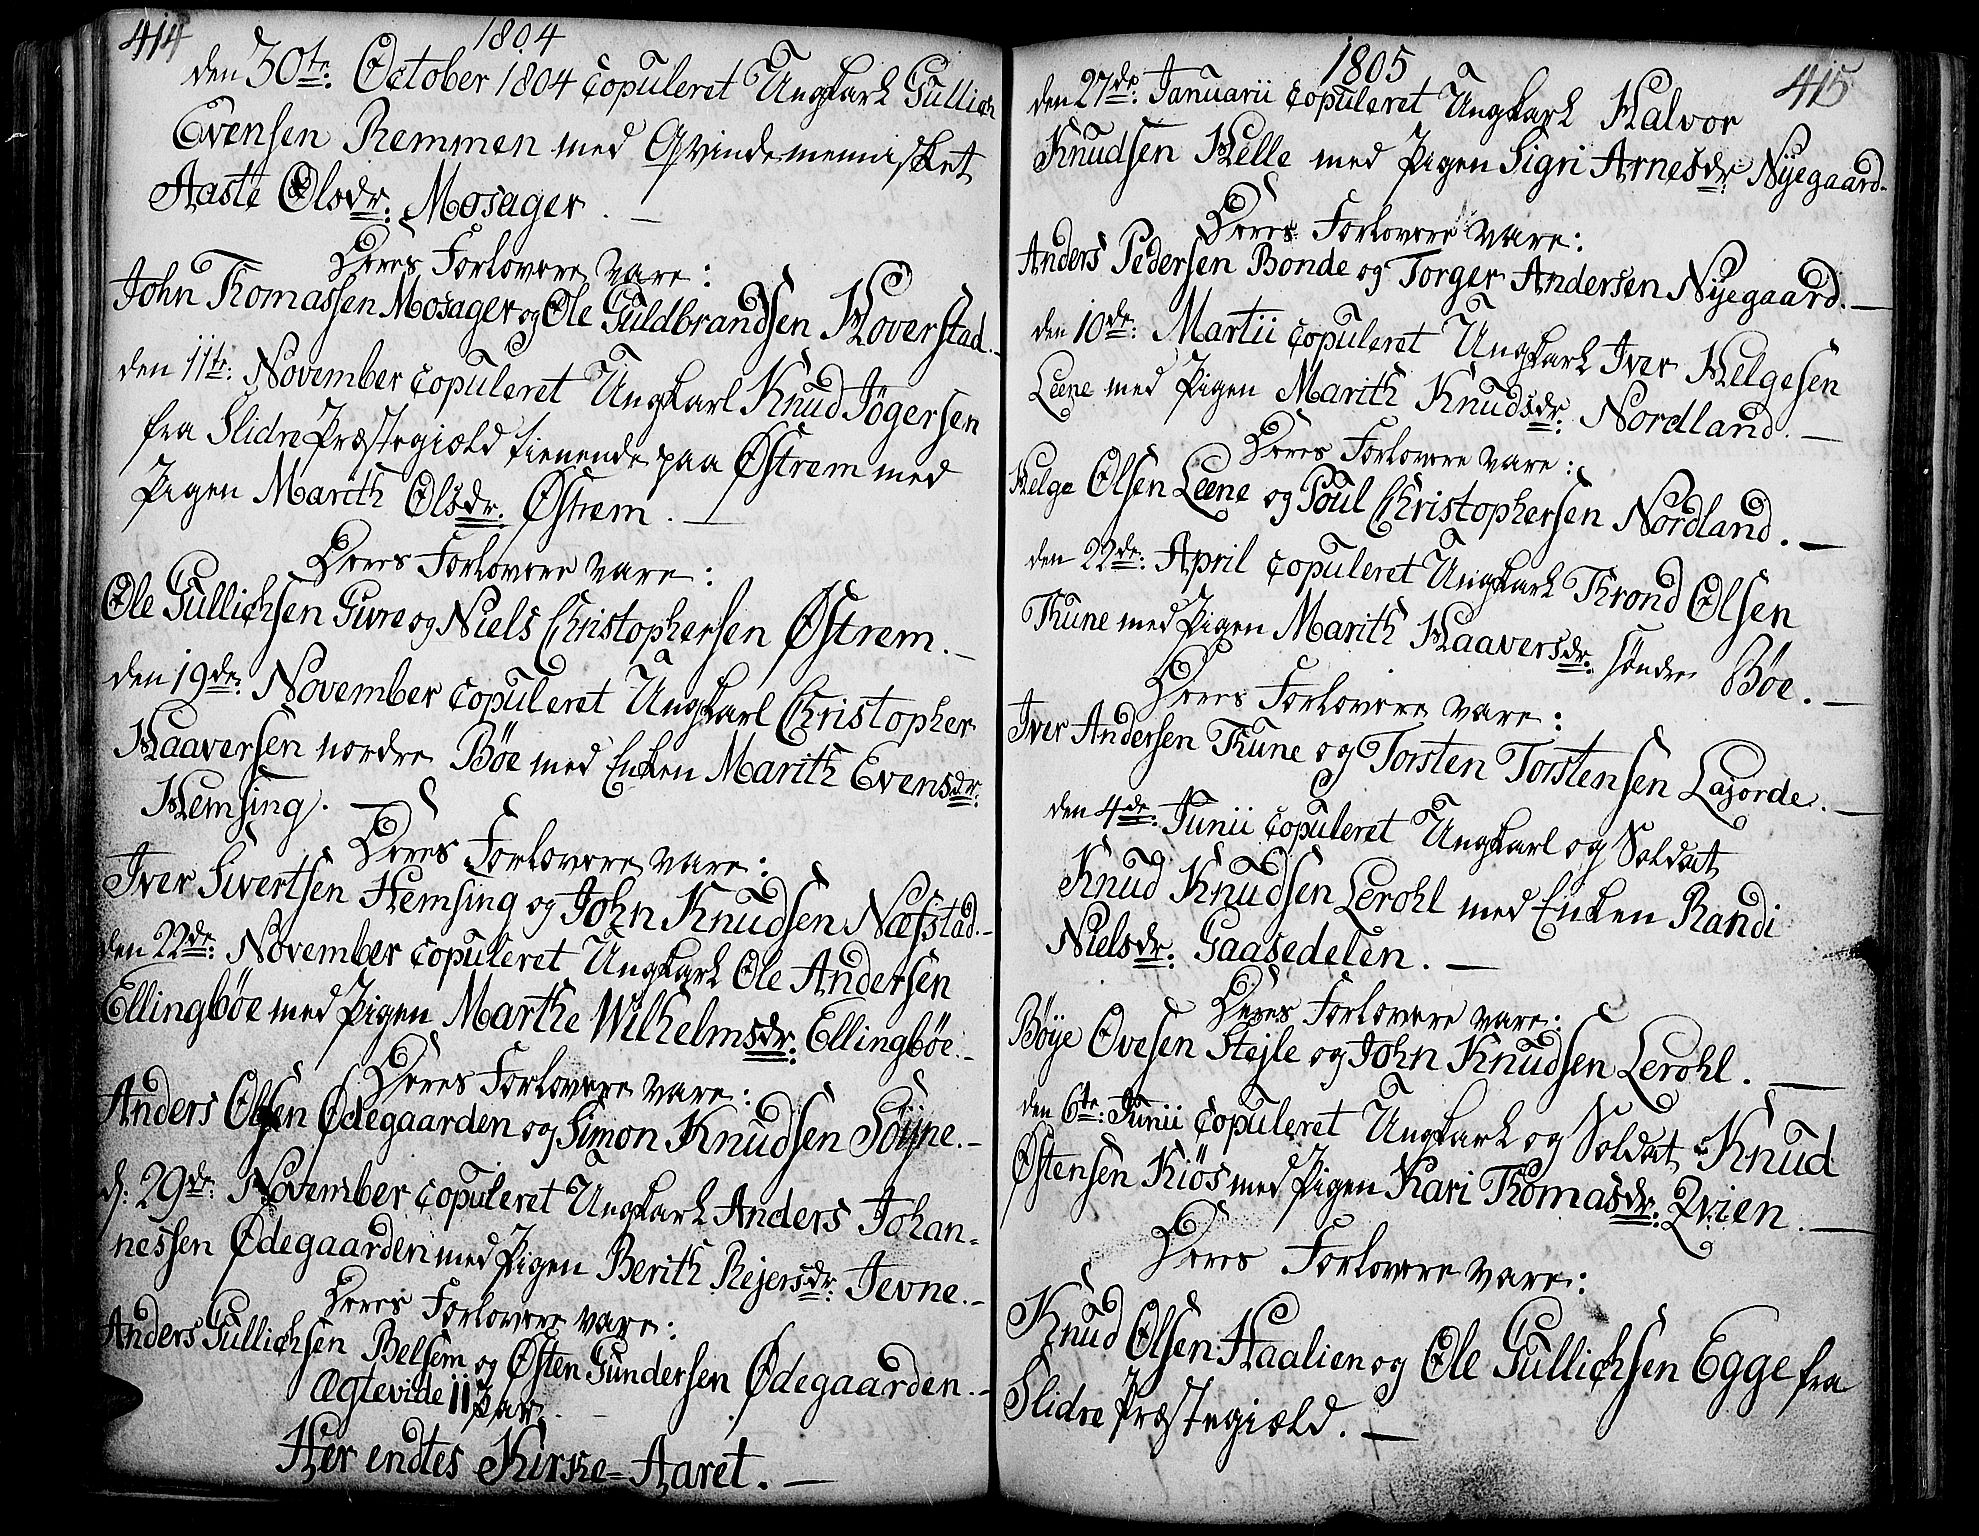 SAH, Vang prestekontor, Valdres, Ministerialbok nr. 2, 1796-1808, s. 414-415